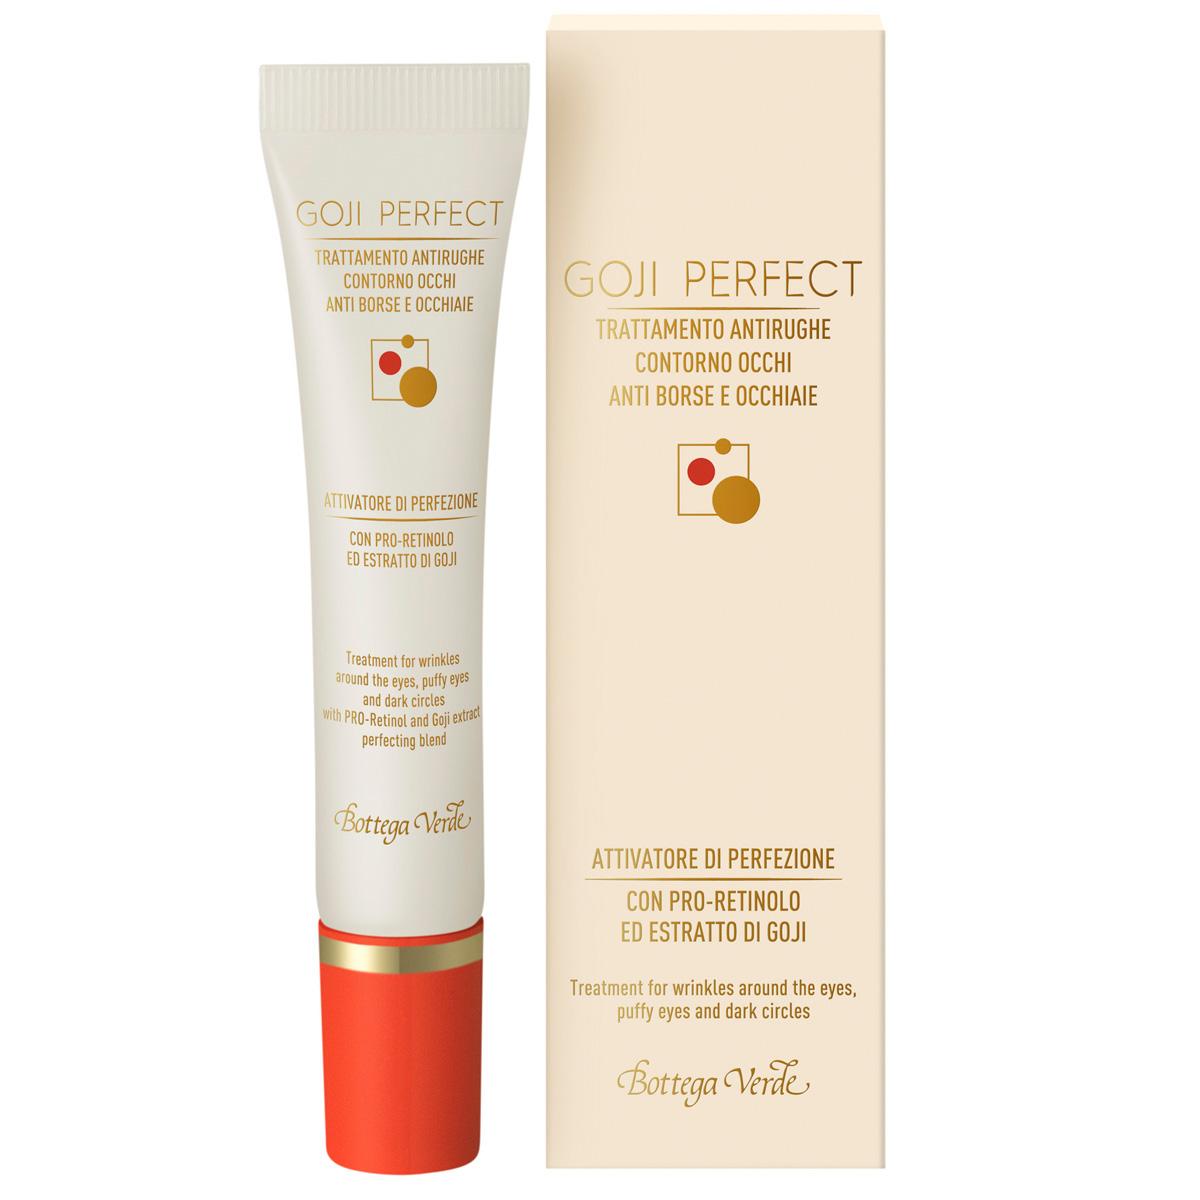 Goji perfect - Tratament antirid pentru zona din jurul ochilor, anticearcan cu PRO-Retinol si extract de Goji